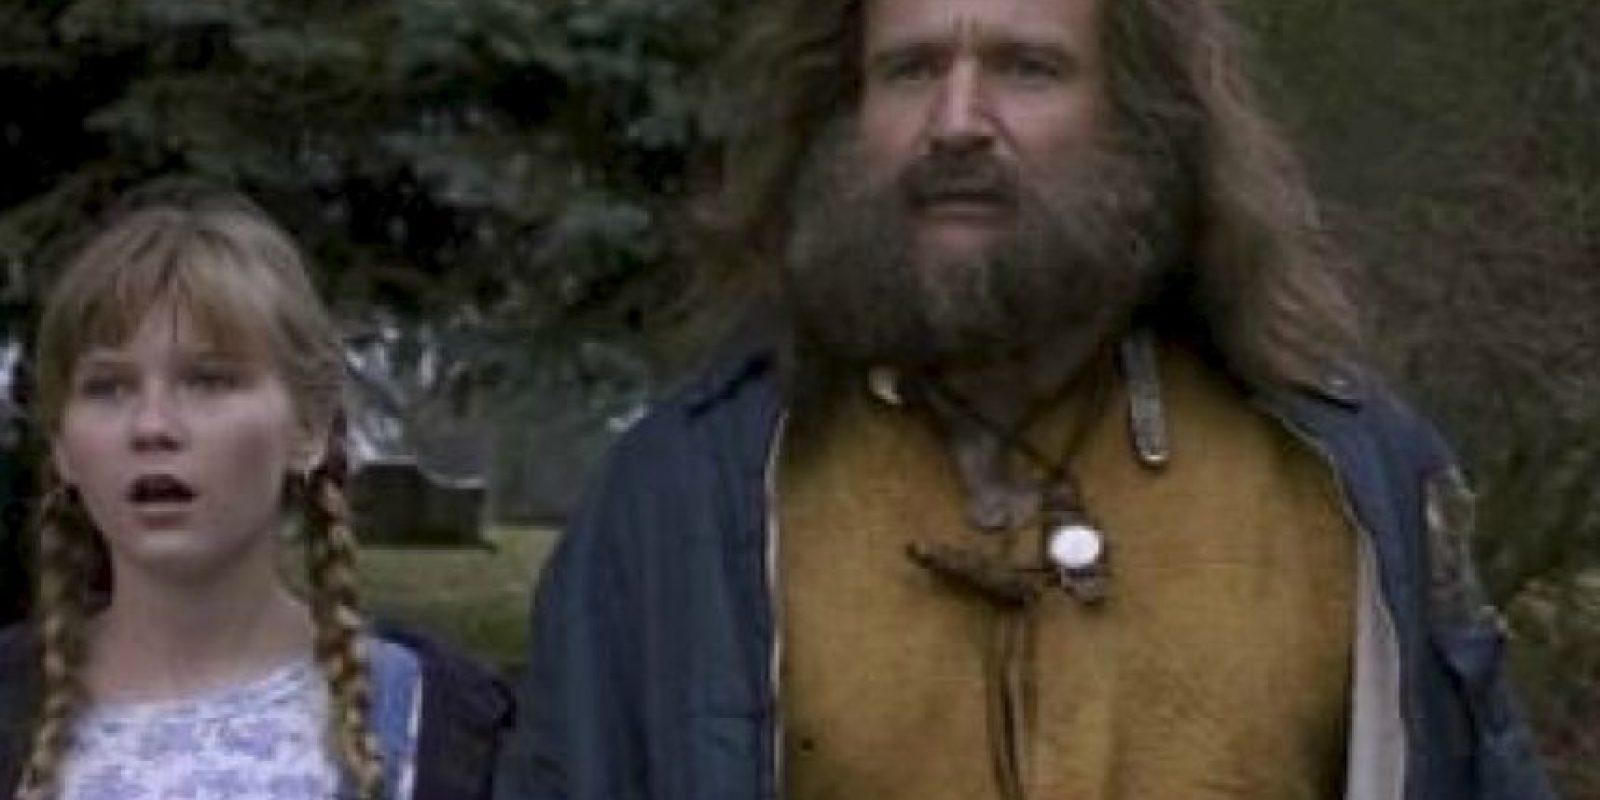 El desaparecido Robin Williams daba vida a Alan Parris. La cinta giraba en torno a un niño que quedaba atrapado durante 25 años en un juego de mesa mágico y muy antiguo llamado Jumanji. Kirsten Dunst fue la compañera de juegos del actor. Foto:TriStar Pictures